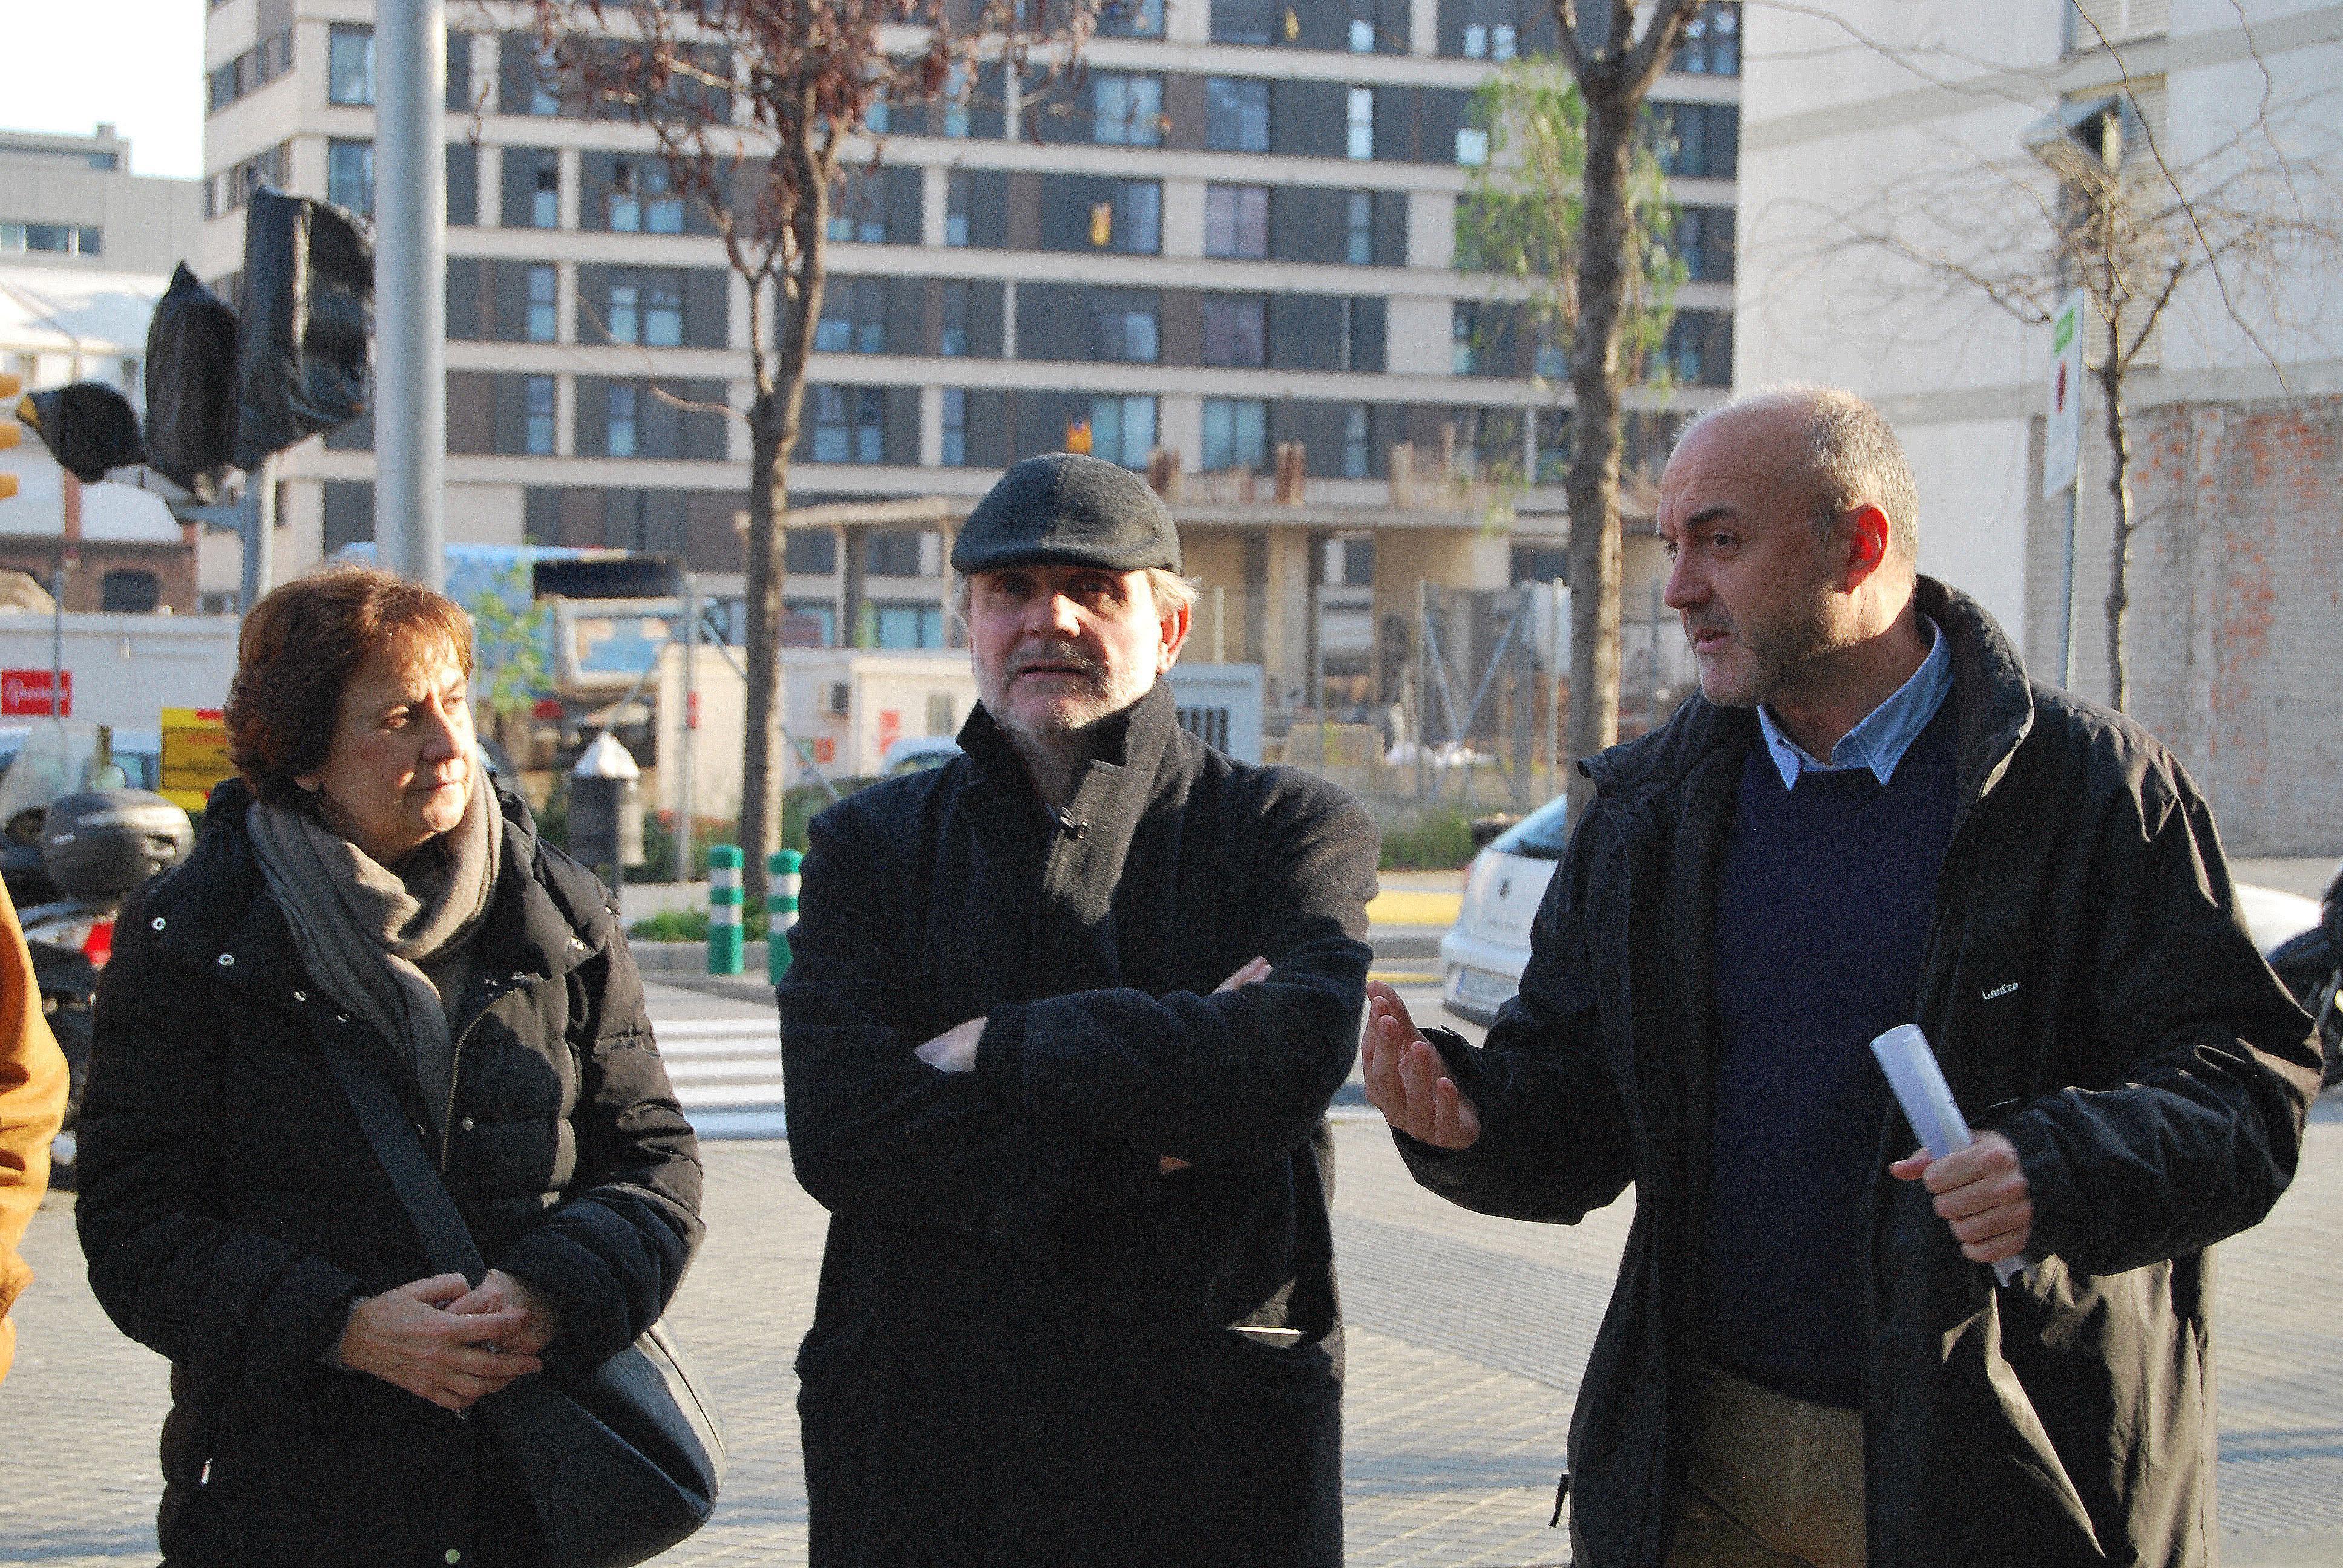 Oriol Estela, Coordinador General del PEMB, introdueix la visita a la superilla del Poblenou